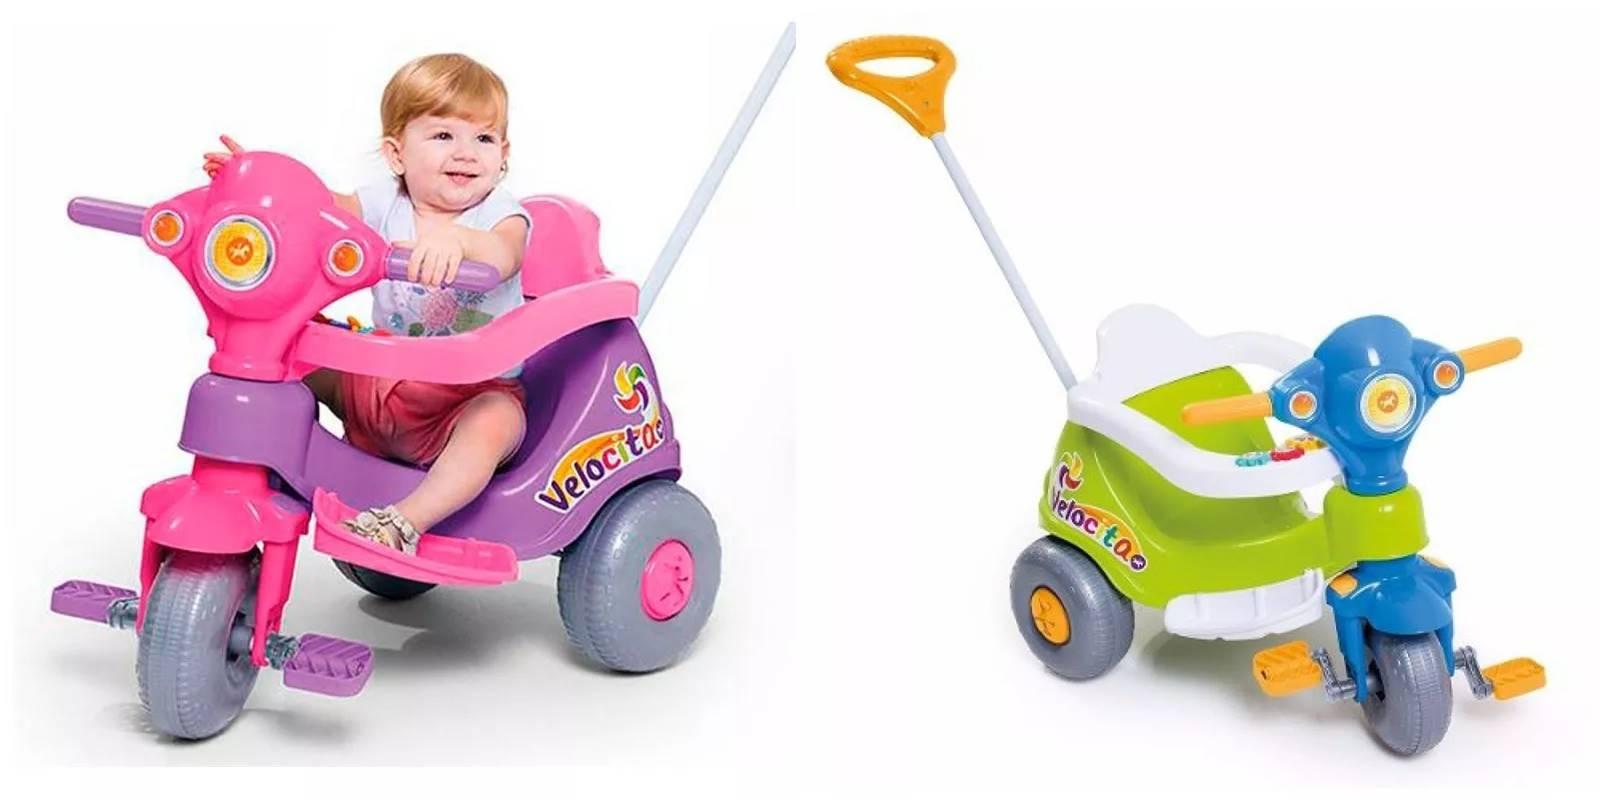 Triciclo Carrinho De Empurrar Escolha o Seu - Calesita